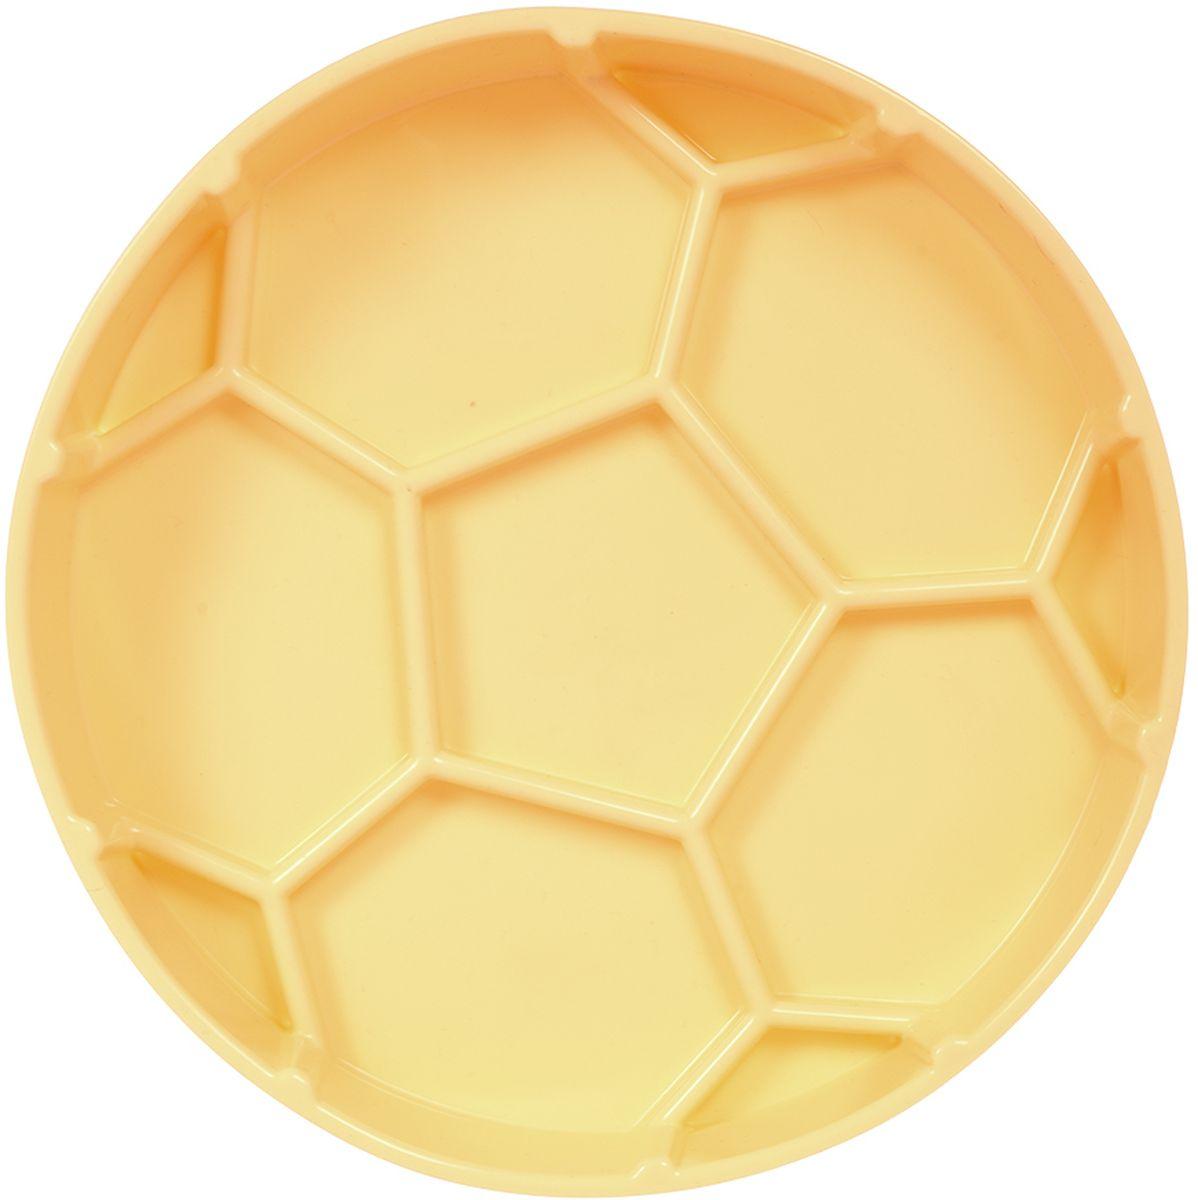 Материал устойчив к фруктовым кислотам, к воздействию низких и высоких температур. Обладает естественным антипригарным свойством. Можно мыть и сушить в посудомоечной машине.